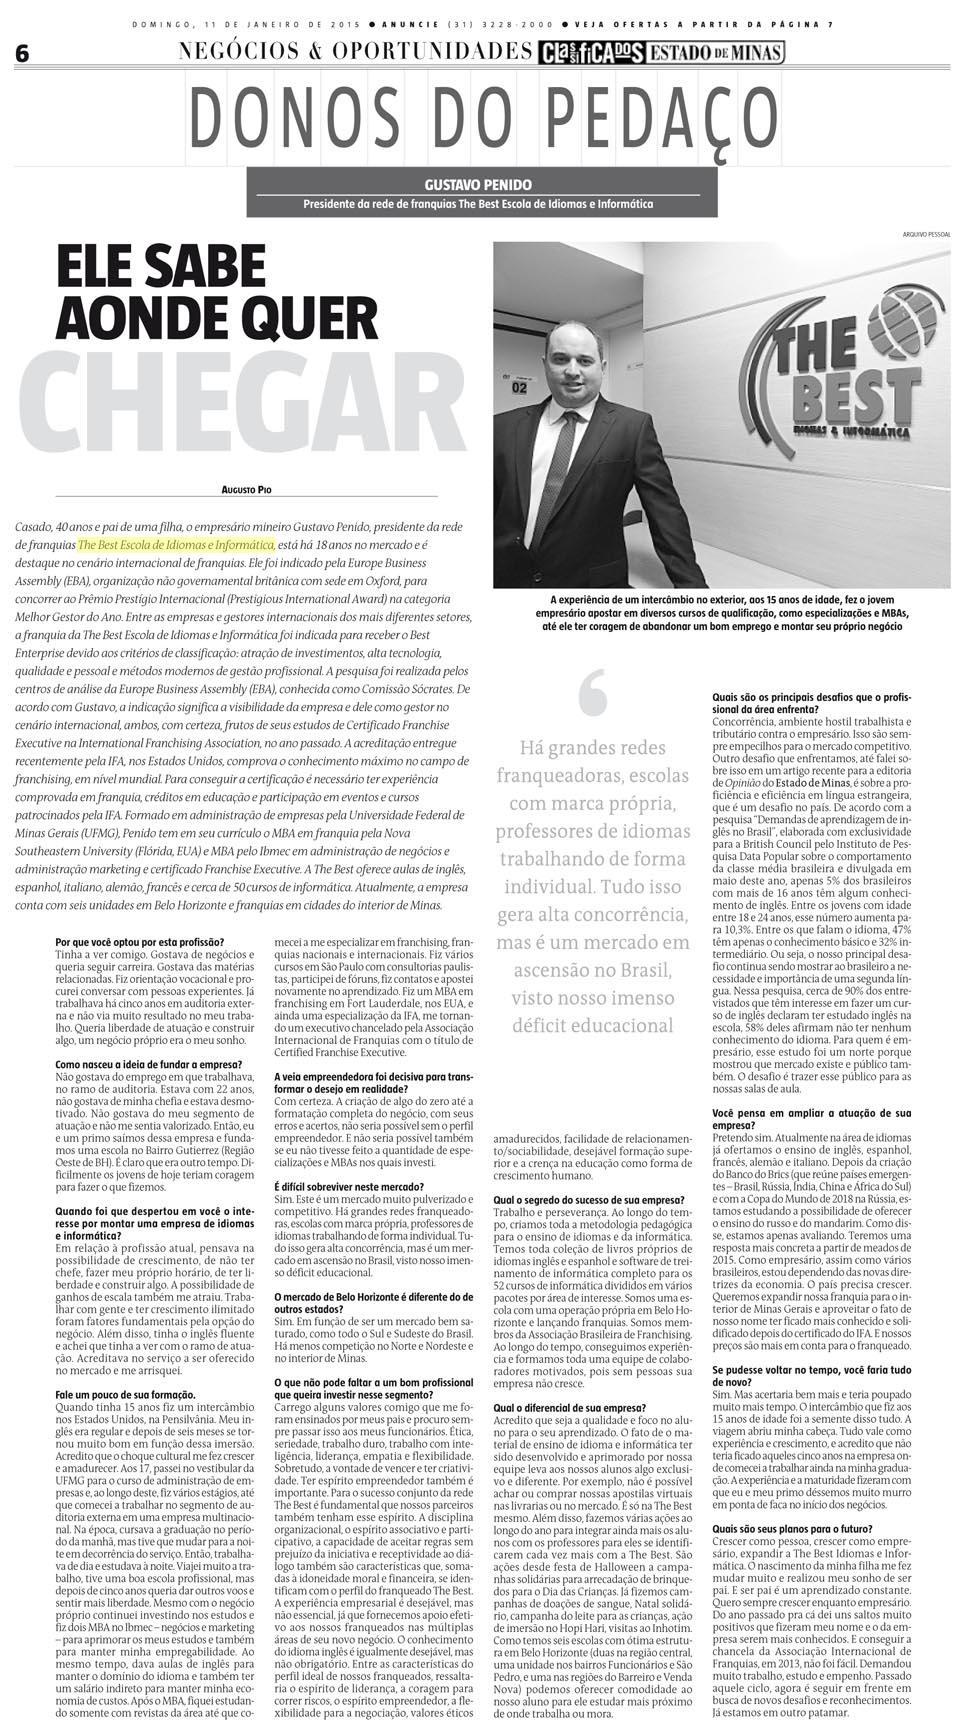 imagemCliente (5)